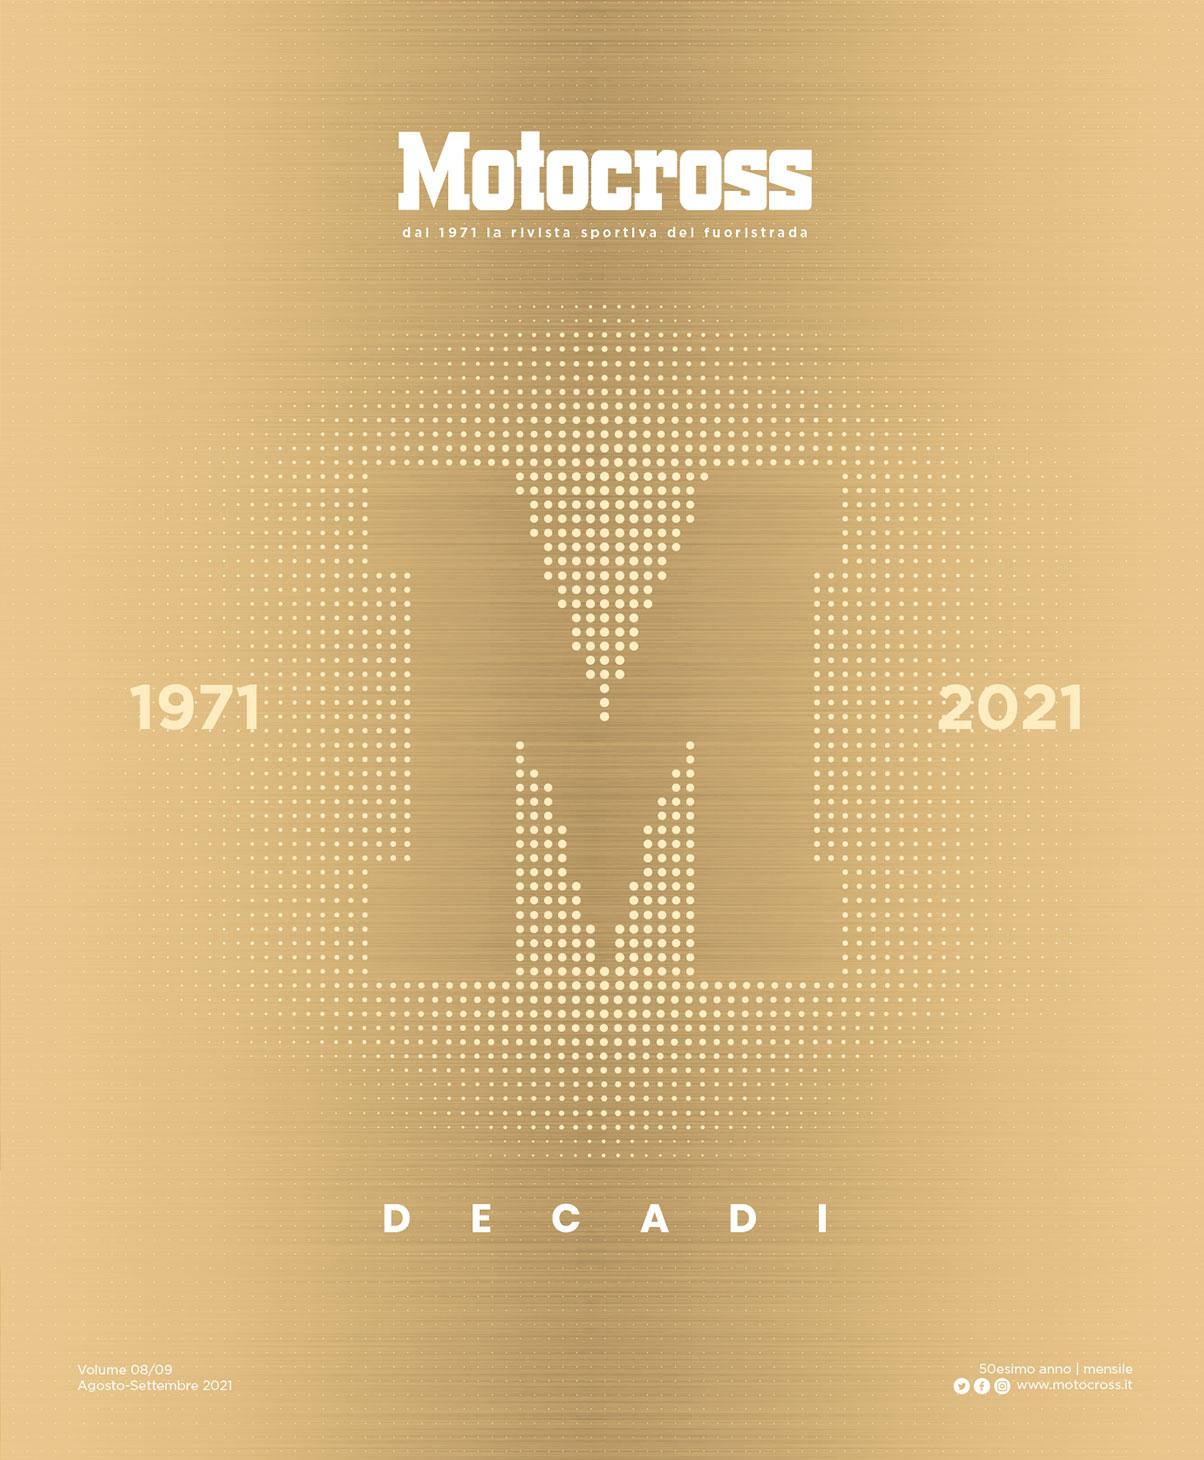 Motocross DECADI 2021